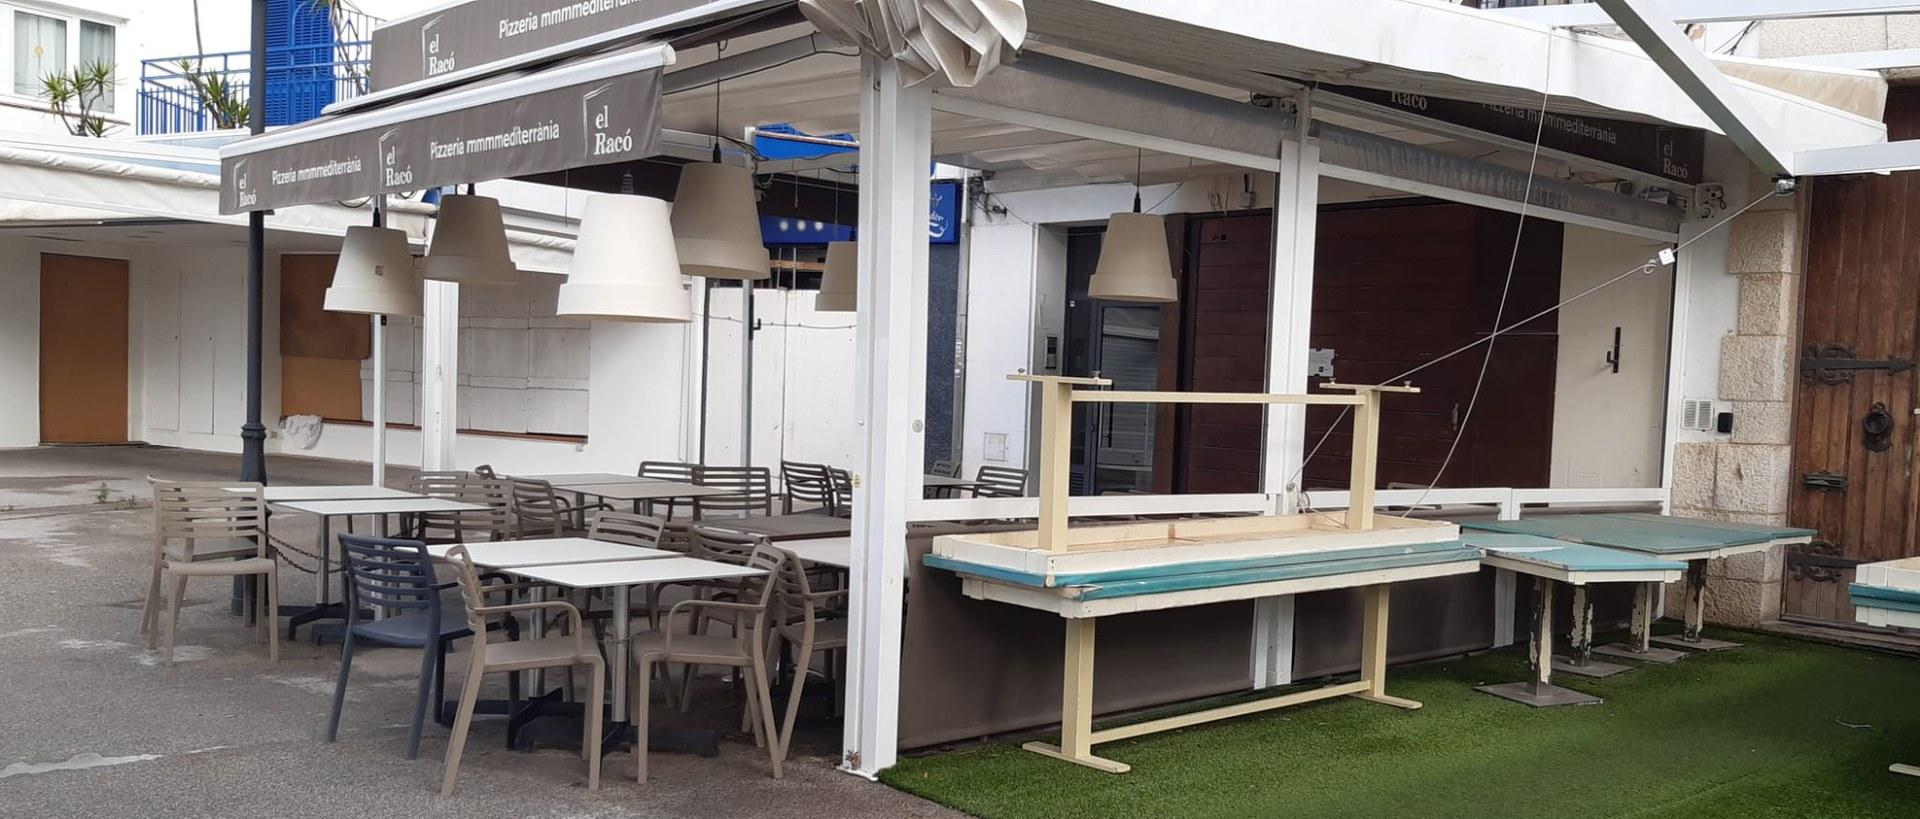 L'Ajuntament de Sitges permetrà ampliar terrasses sempre que es compleixin les mesures sanitàries